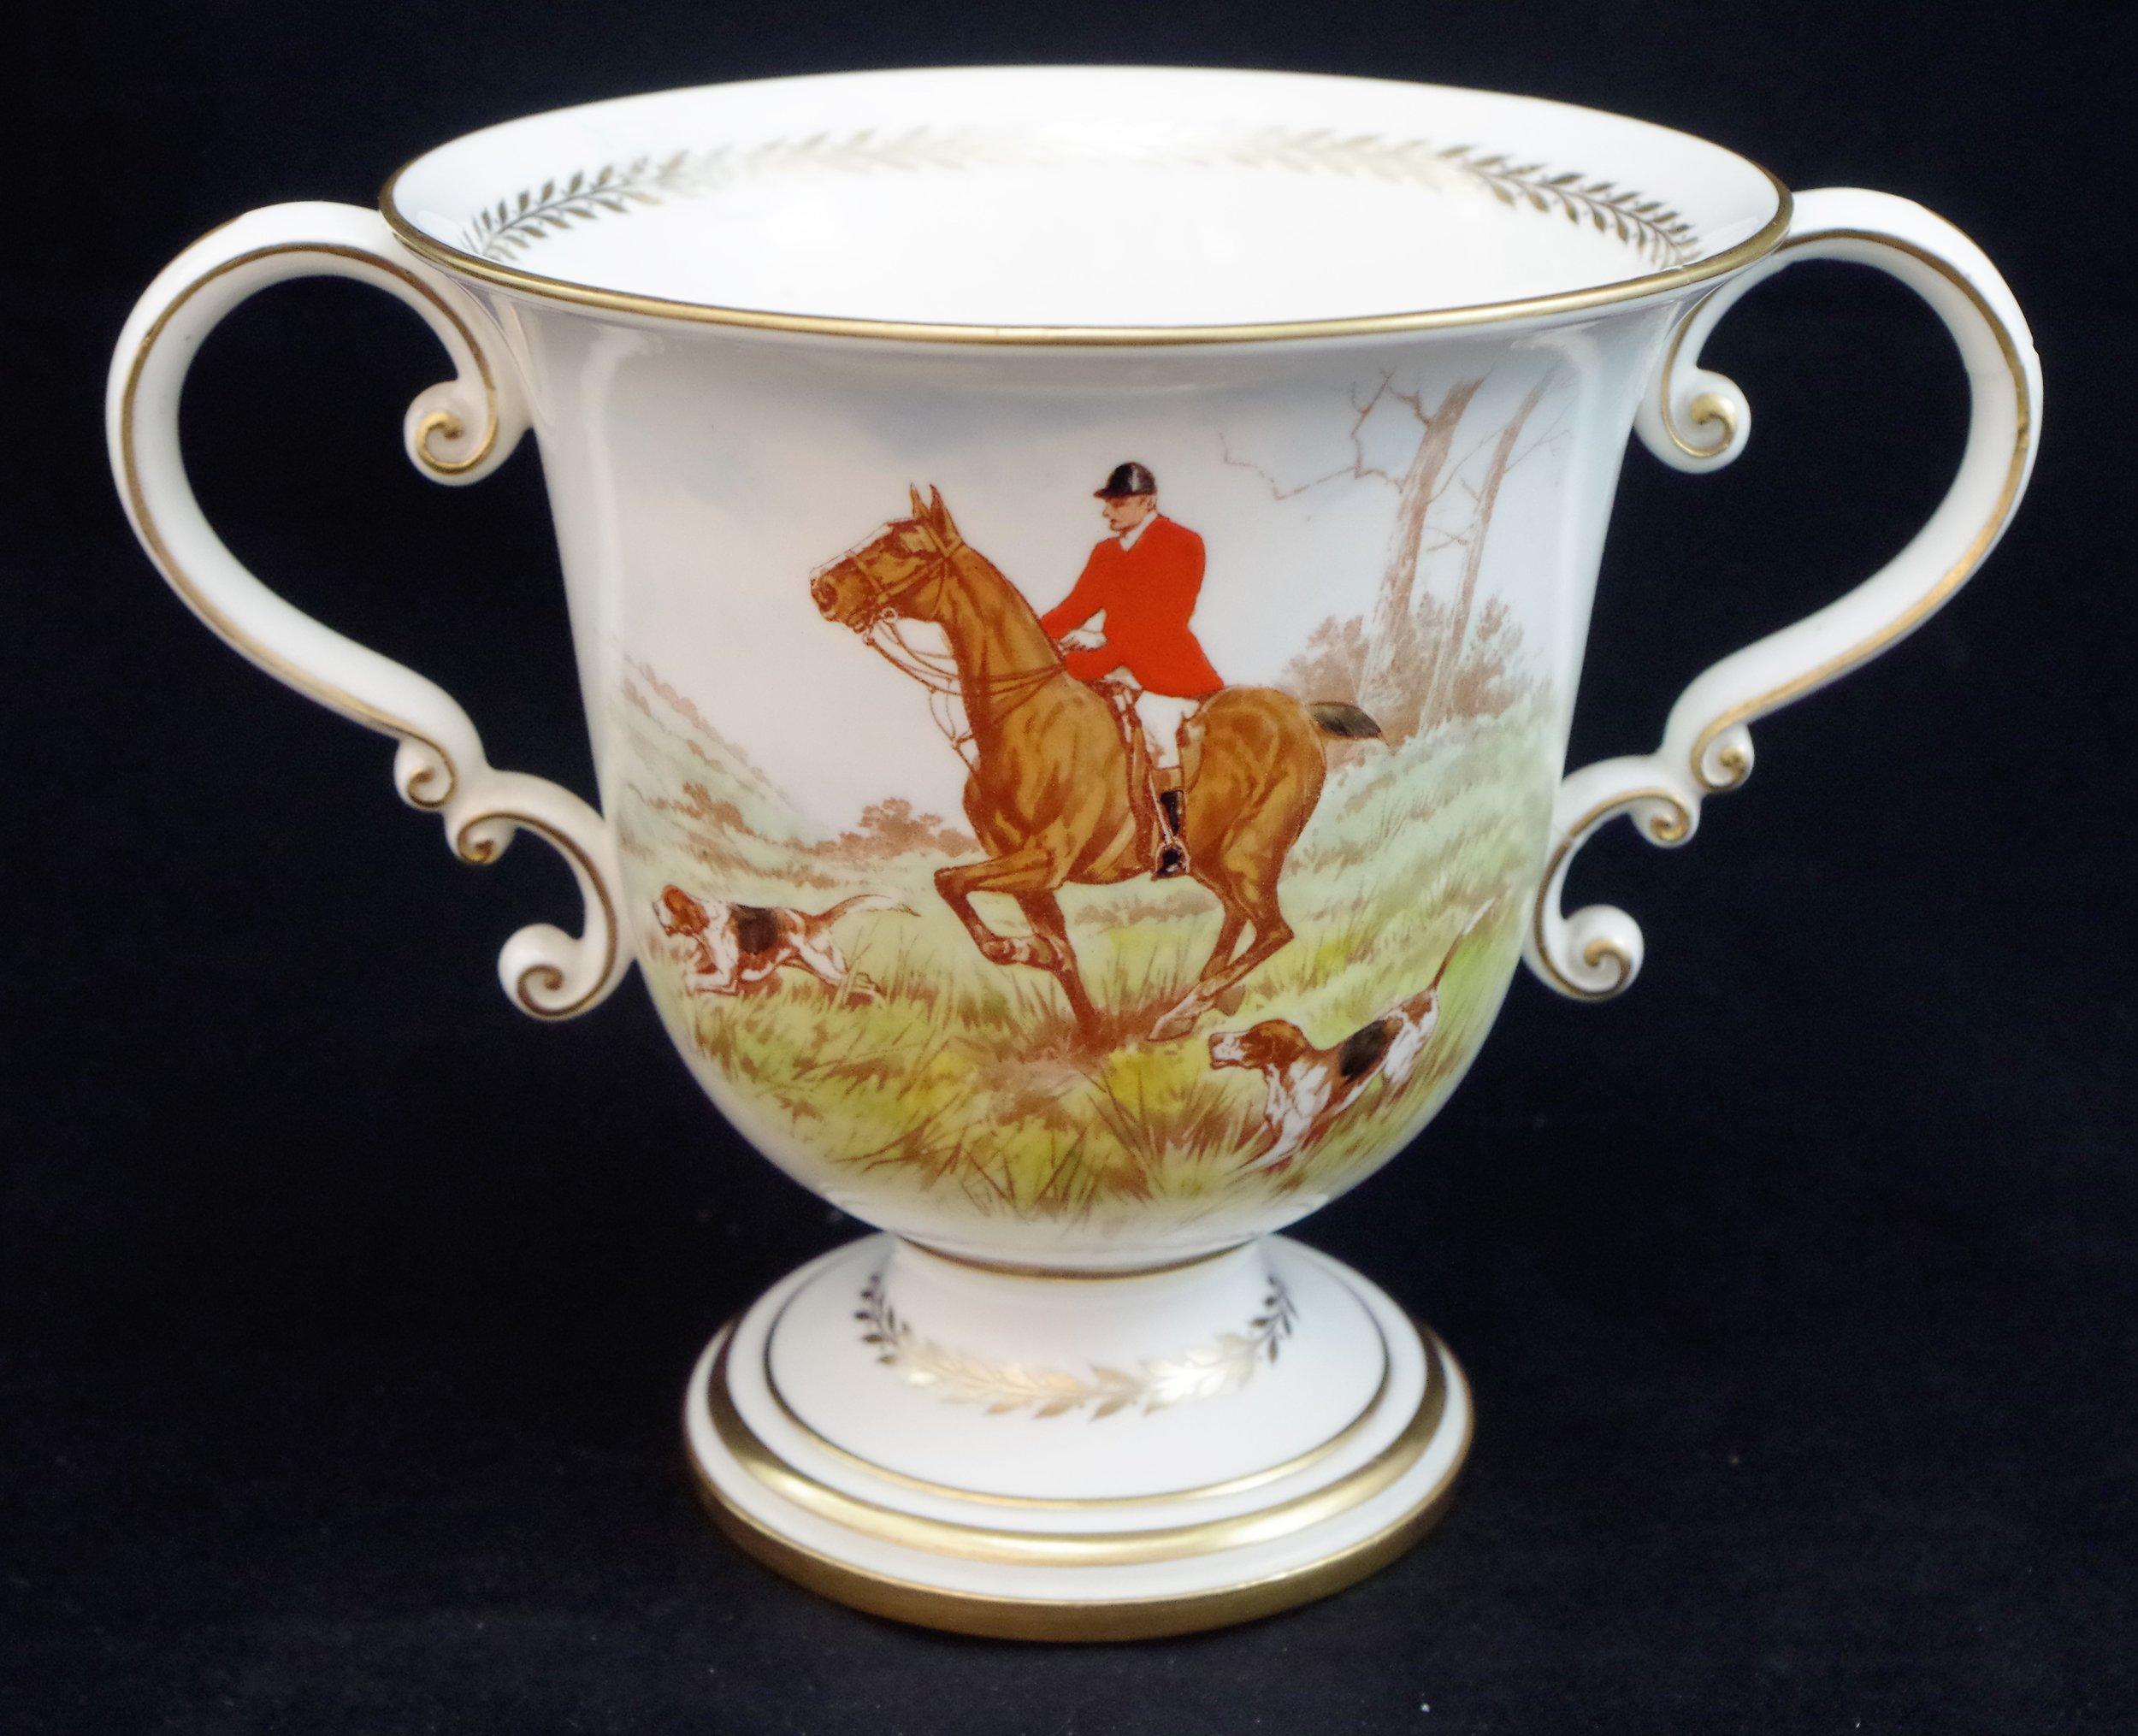 royal-crown-derby-large-trophy-vase-hunting-scene-reverse